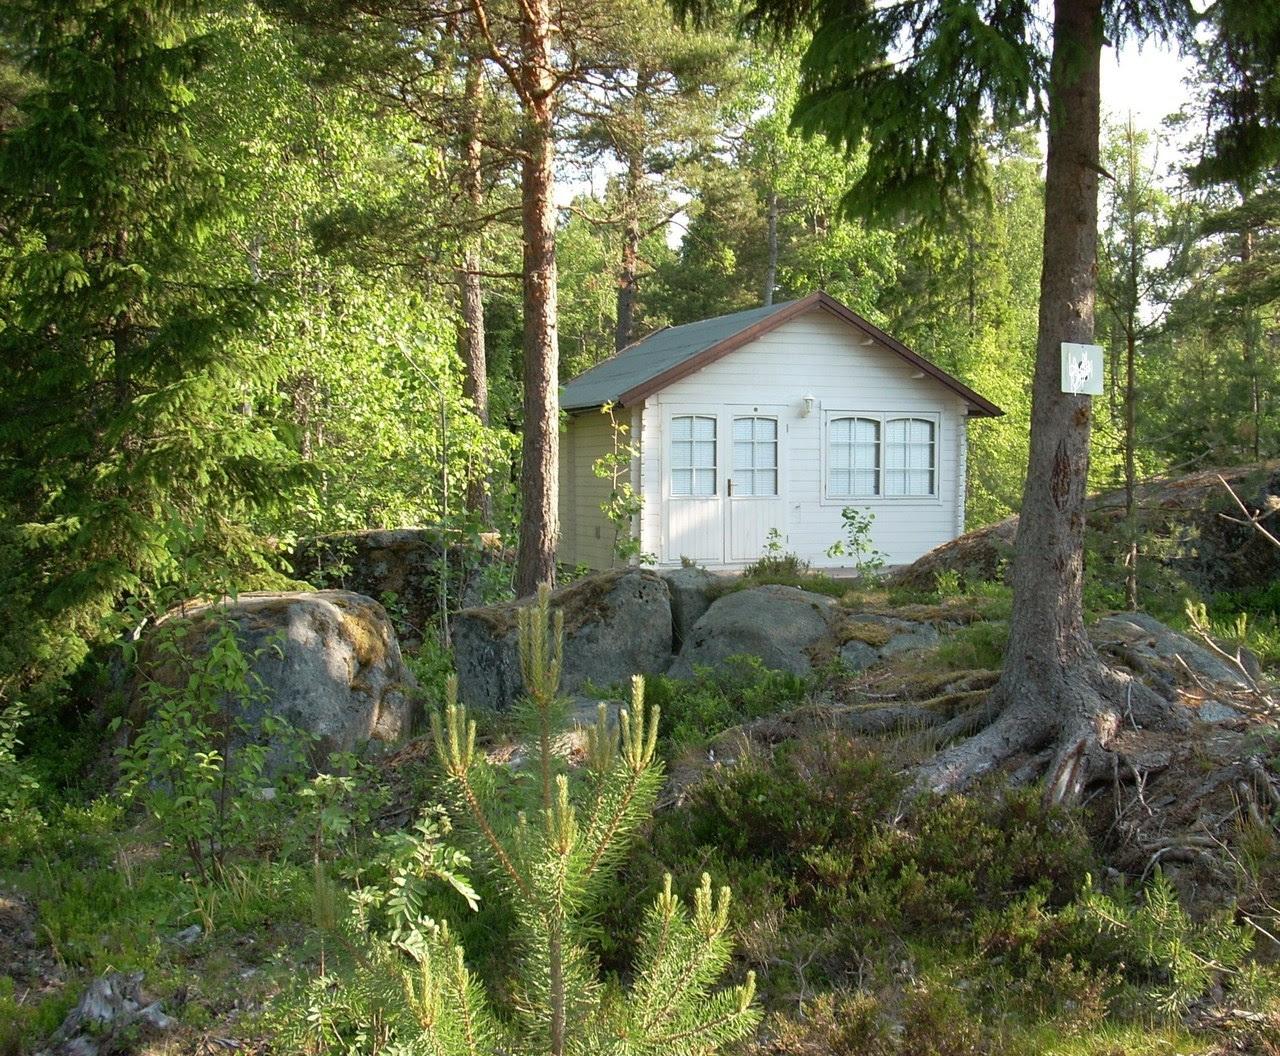 Summer cabin north of Stockholm, Sweden.